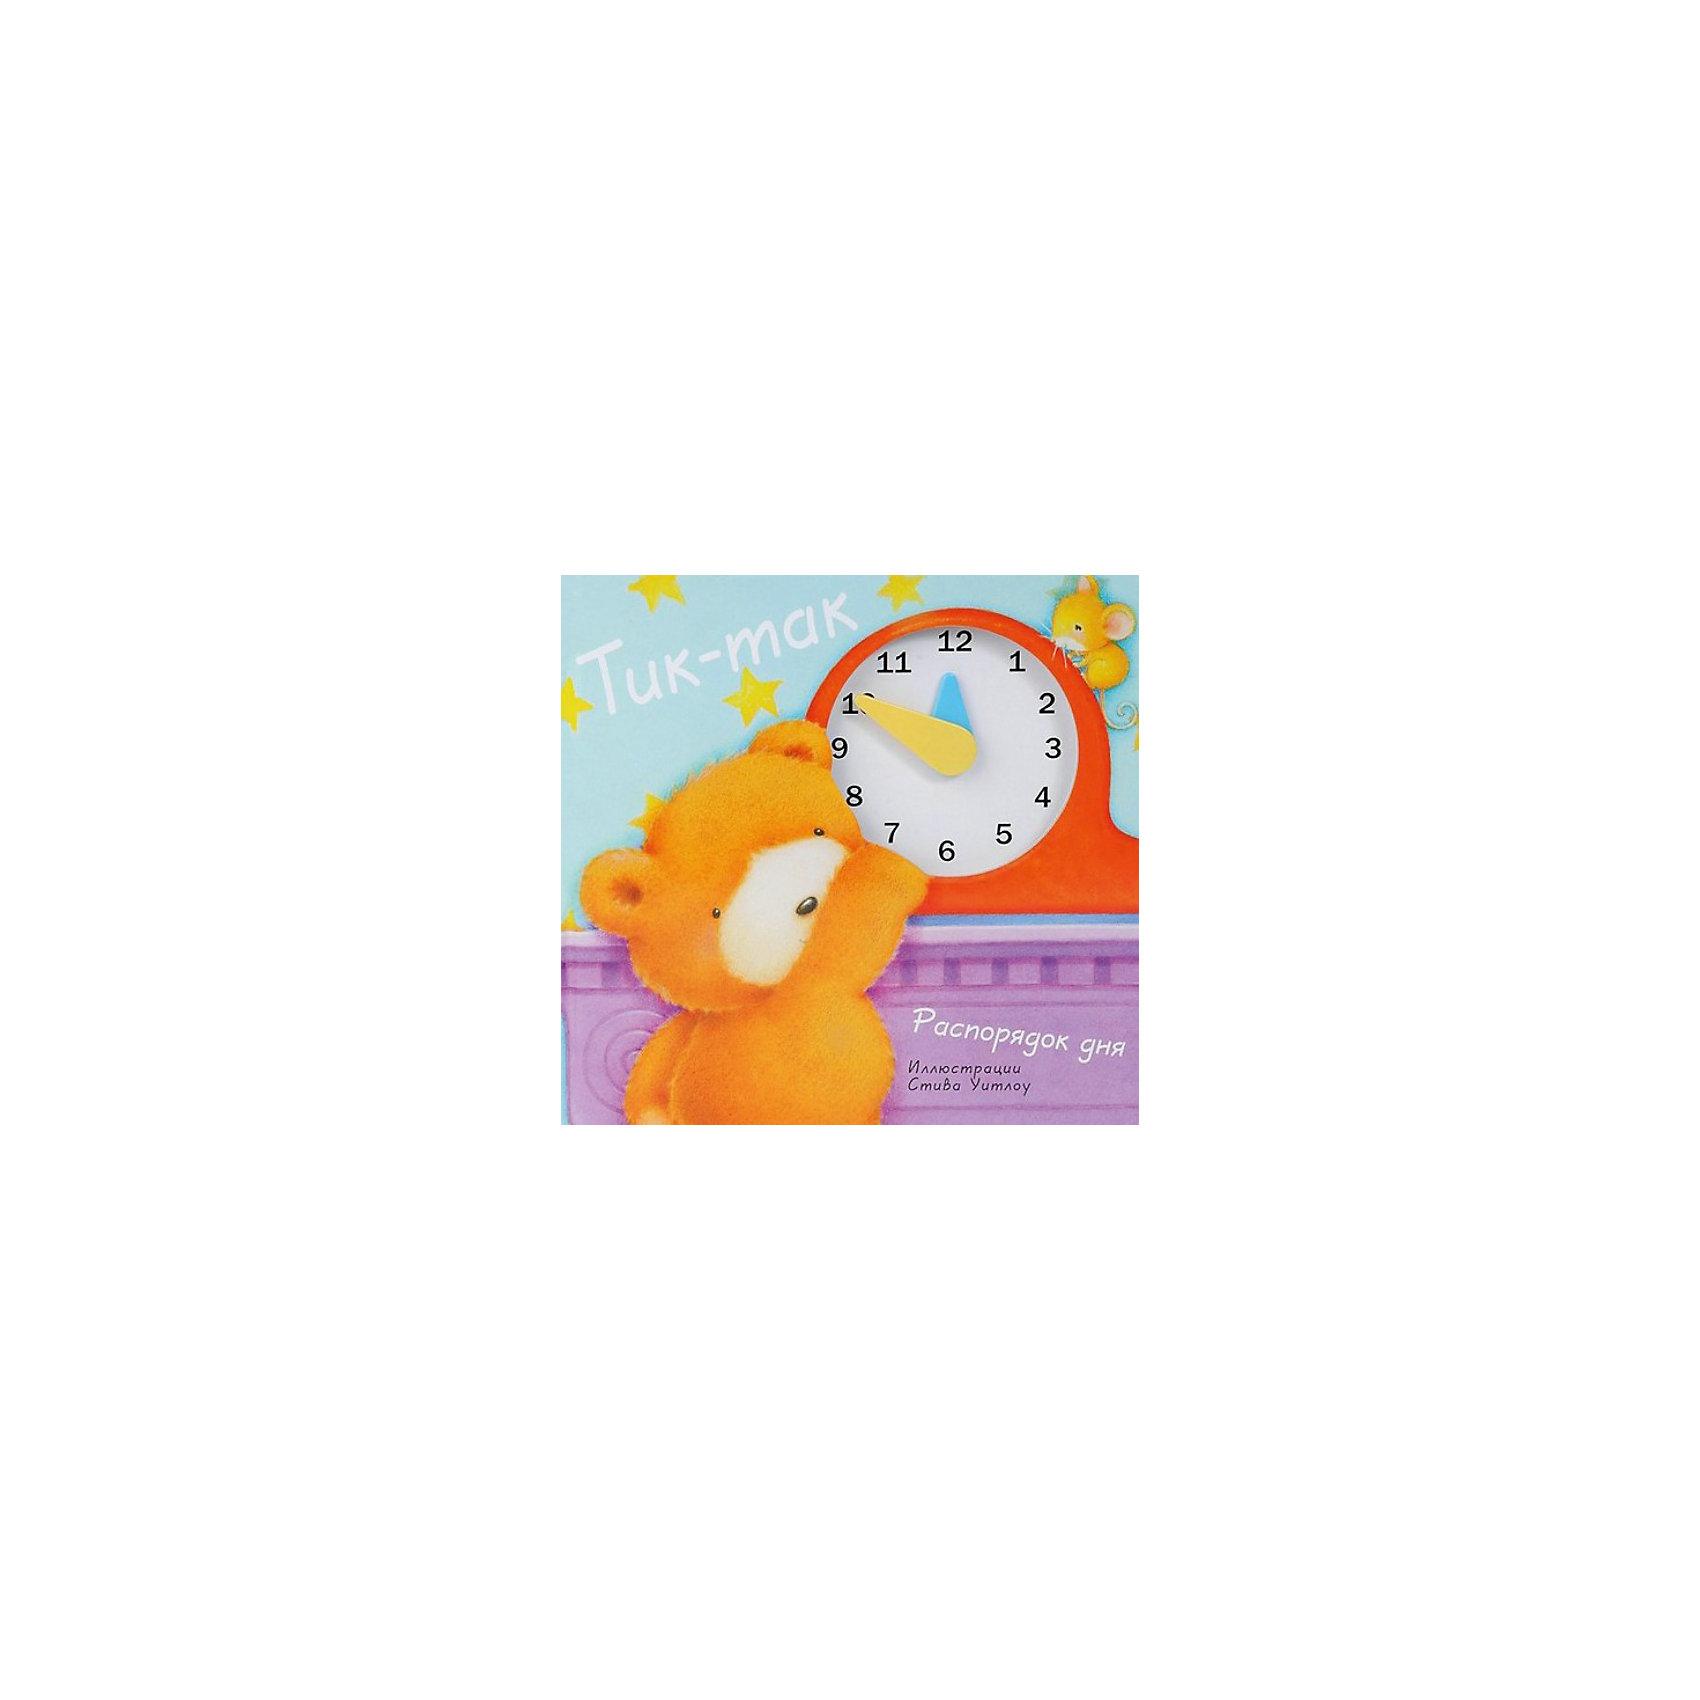 Книга-игрушка Распорядок дняПервые книги малыша<br>Тик-так. Распорядок дня, Мозаика-Синтез – эта книжка-игрушка познакомит малышей с распорядком дня, научит пользоваться часами.<br>На страницах этой книги маленький медвежонок расскажет о том, как проходит его день. Задача ребят, внимательно слушать историю Мишки и выставлять стрелки встроенных часов так, как этого требует сюжет рассказа. При прокручивании стрелки будут издавать характерный звук. На каждой красочно проиллюстрированной страничке издания можно увидеть нарисованные часики и прочитать веселые стихи, а в круглом окошке на правой стороне разворотов расположены большие пластмассовые часы с вращающимися стрелками. Такая игрушка поможет малышам научаться самостоятельно, определять и устанавливать время на часах. С книгой Тик-так ребята узнают о режиме дня и важности его соблюдения.<br><br>Дополнительная информация:<br><br>- Автор: Лариса Бурмистрова<br>- Художник: Уитлоу Стив<br>- Издательство: Мозаика-Синтез<br>- Серия: Играем всей семьей<br>- Тип обложки: 7Бц - твердая, целлофанированная (или лакированная)<br>- Оформление: вырубка, текстильные и пластиковые вставки<br>- Иллюстрации: цветные<br>- Страниц: 14 (картон)<br>- Размеры: 260x260x8 мм.<br>- Вес: 336 гр.<br><br>Книгу «Тик-так. Распорядок дня», Мозаика-Синтез можно купить в нашем интернет-магазине.<br><br>Ширина мм: 260<br>Глубина мм: 260<br>Высота мм: 8<br>Вес г: 357<br>Возраст от месяцев: 36<br>Возраст до месяцев: 60<br>Пол: Унисекс<br>Возраст: Детский<br>SKU: 3756281